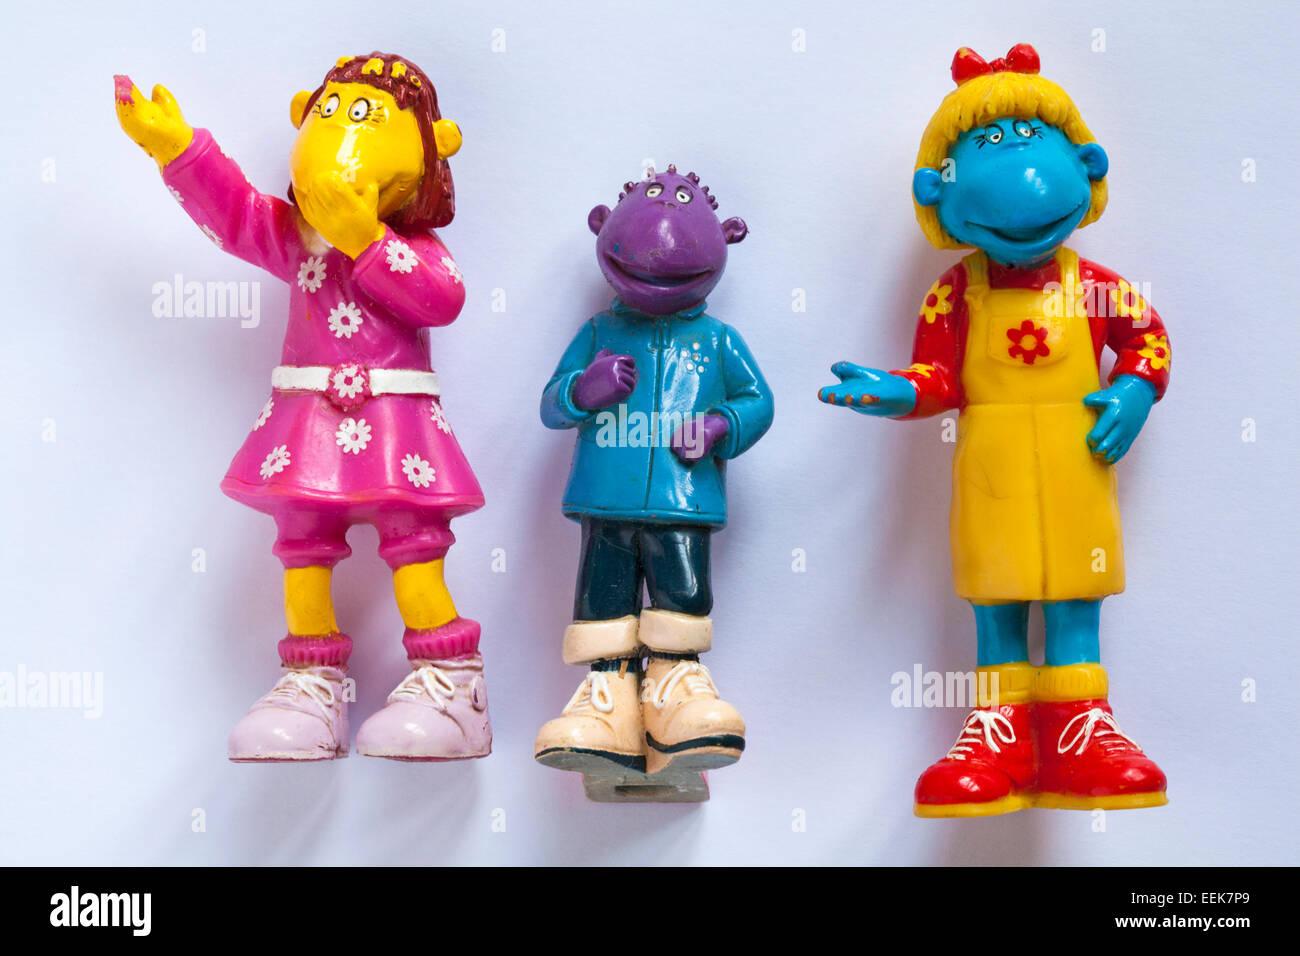 Tweenies Milo, Bella and Fizz characters toys - Stock Image